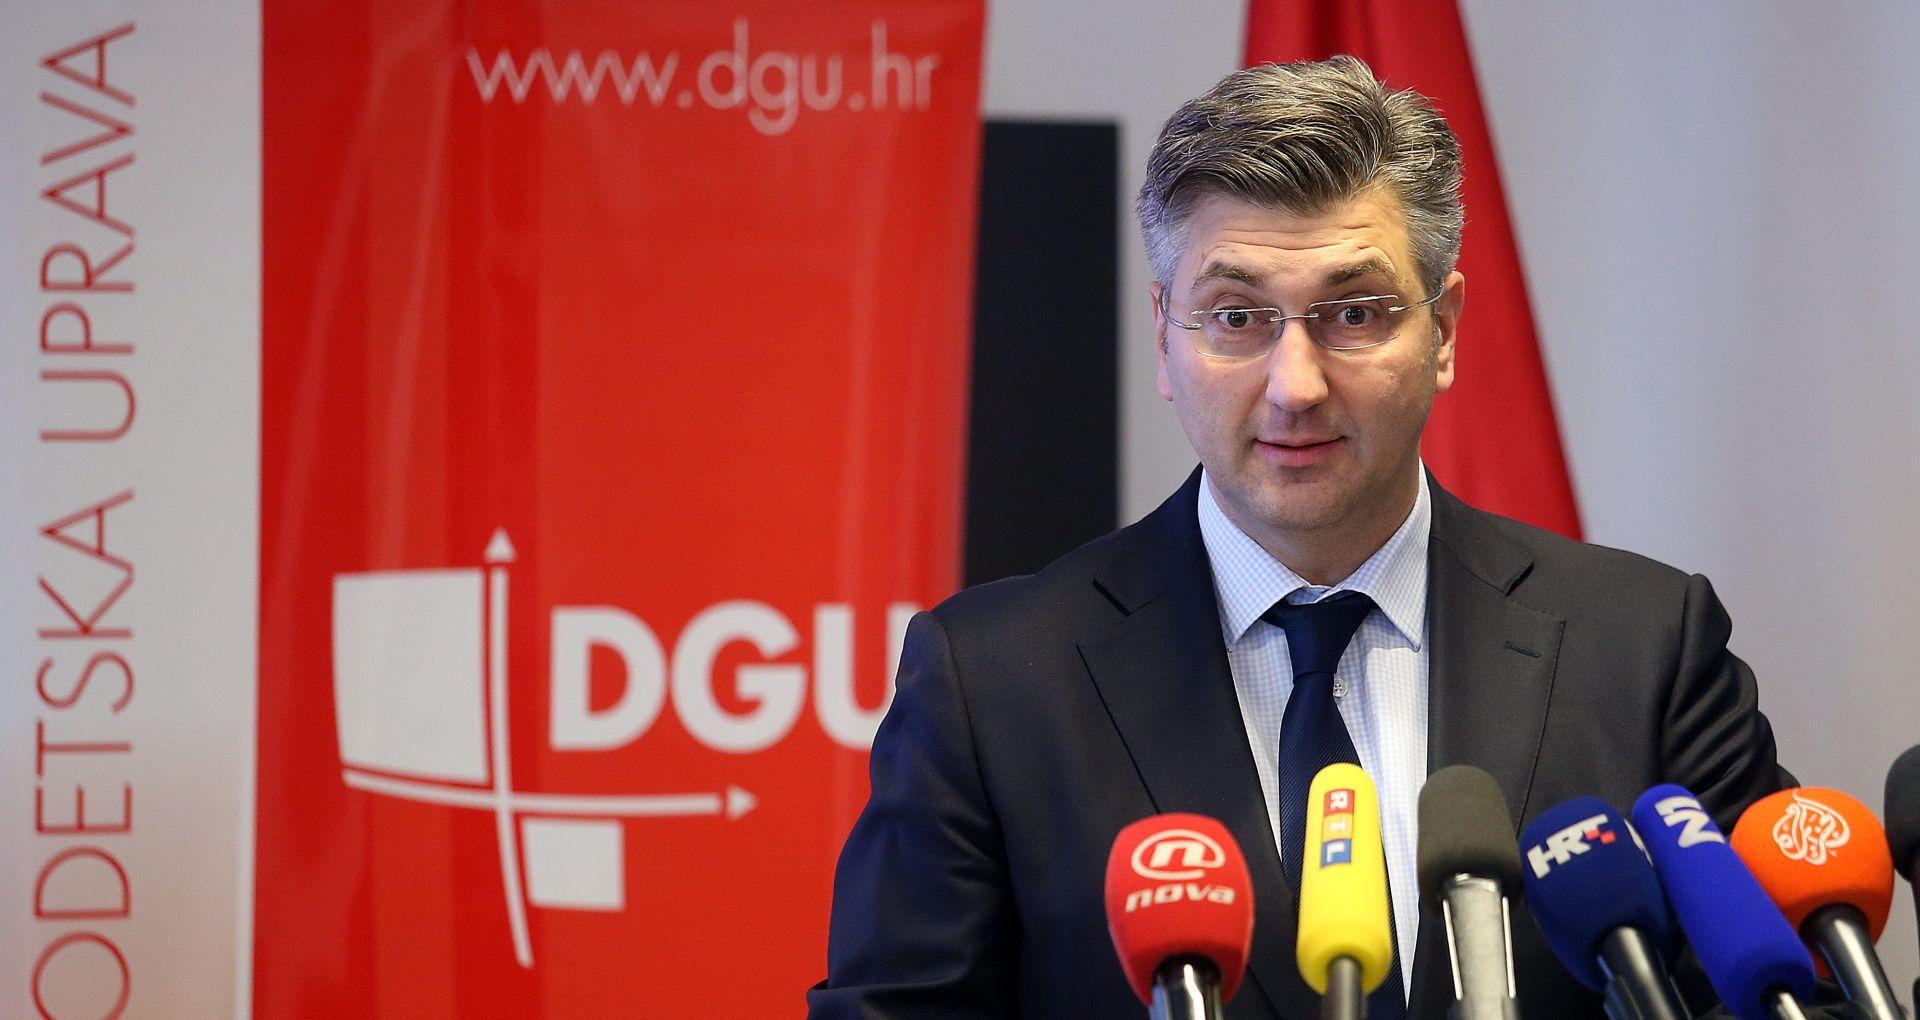 Plenković komentirao 'Aferu brat' i odluku Ustavnog suda